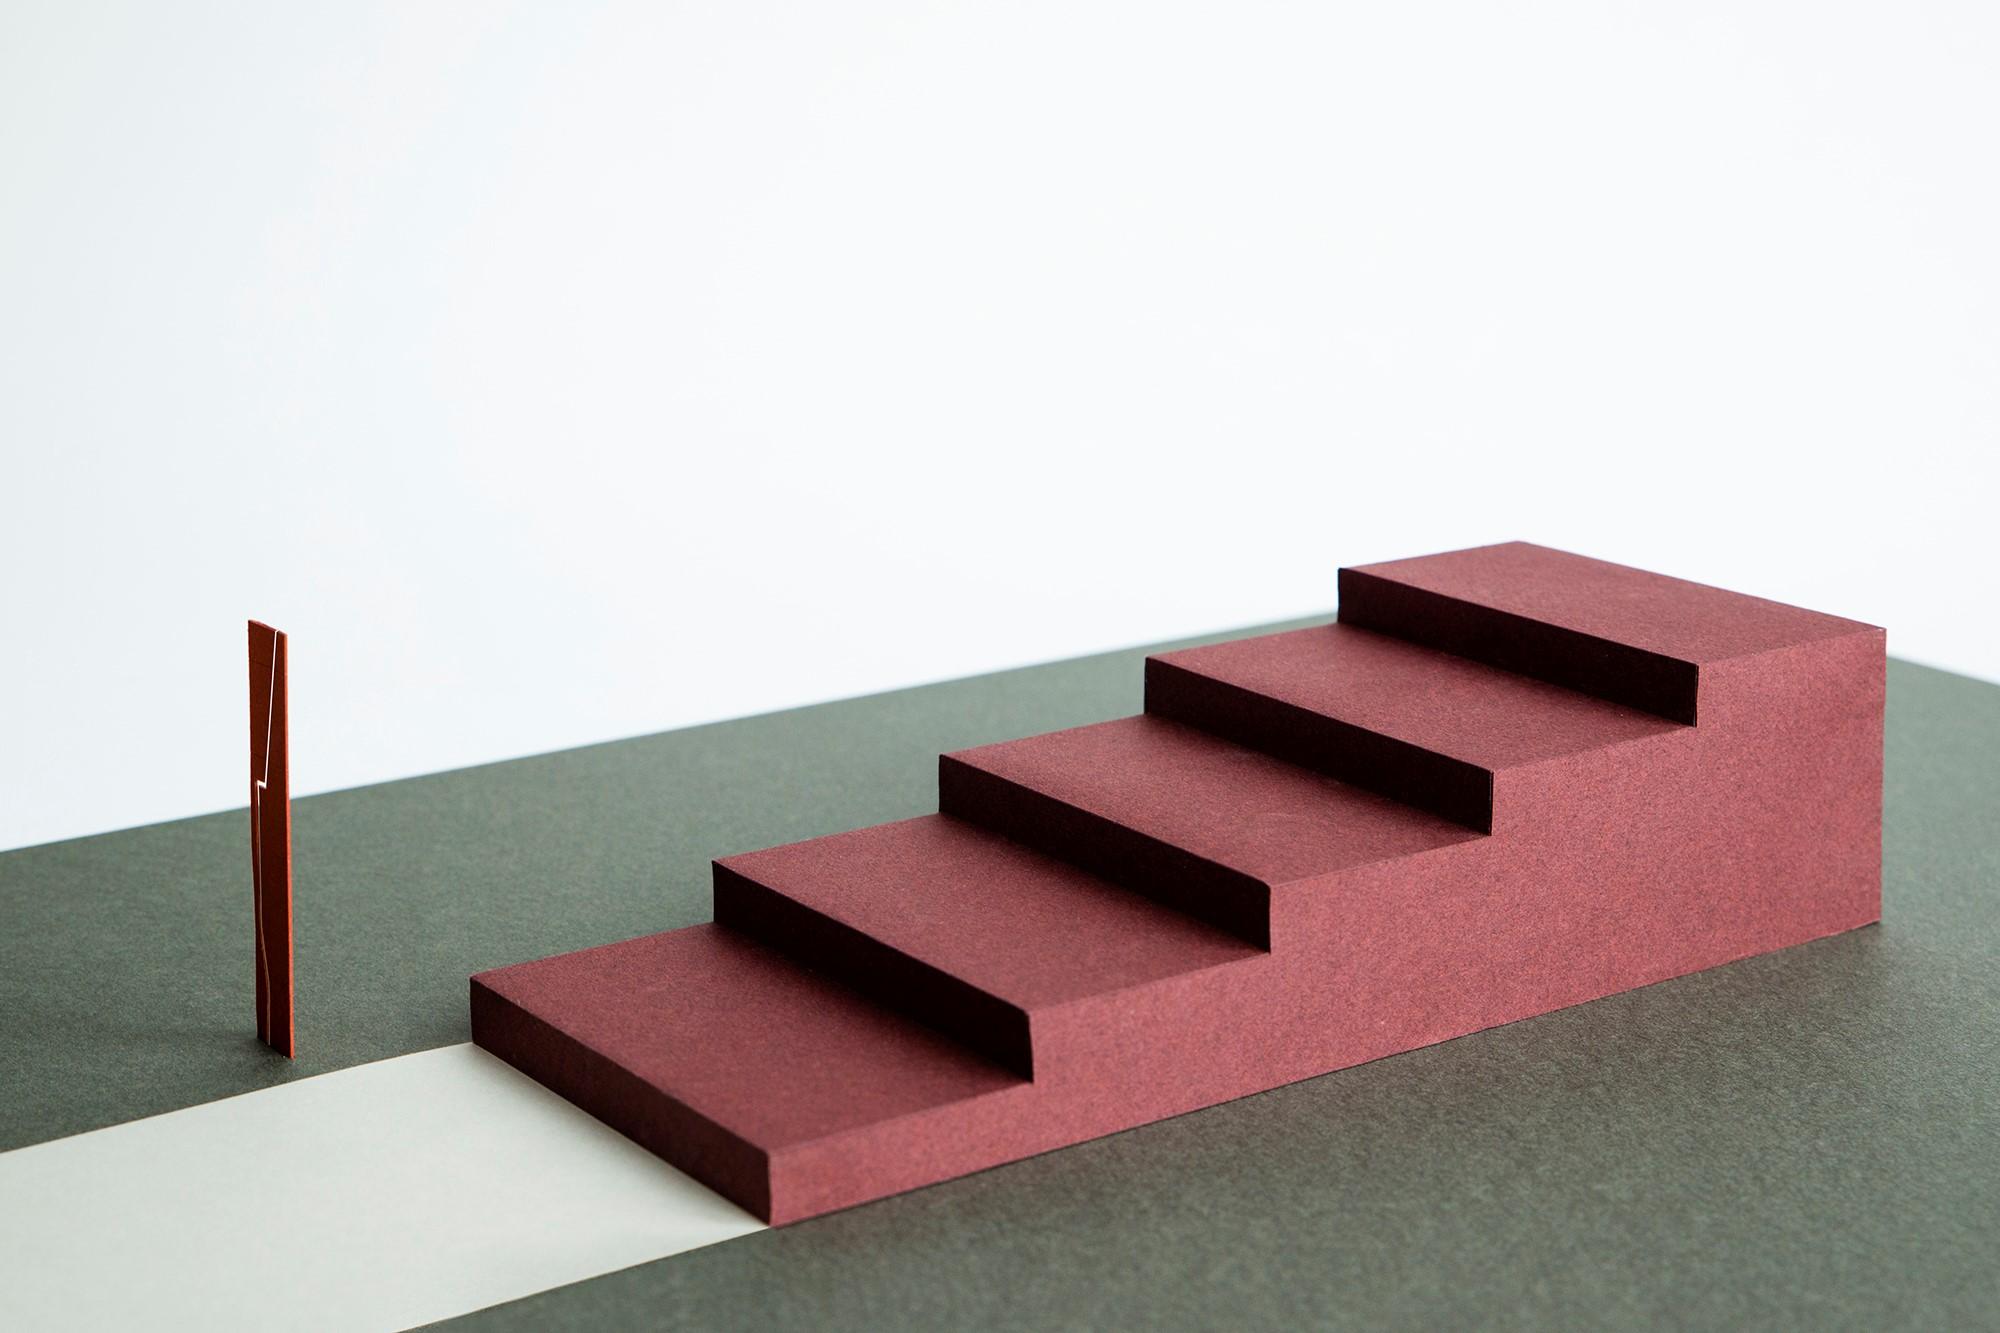 Serge Schoemaker wint prijsvraag Antwerpen